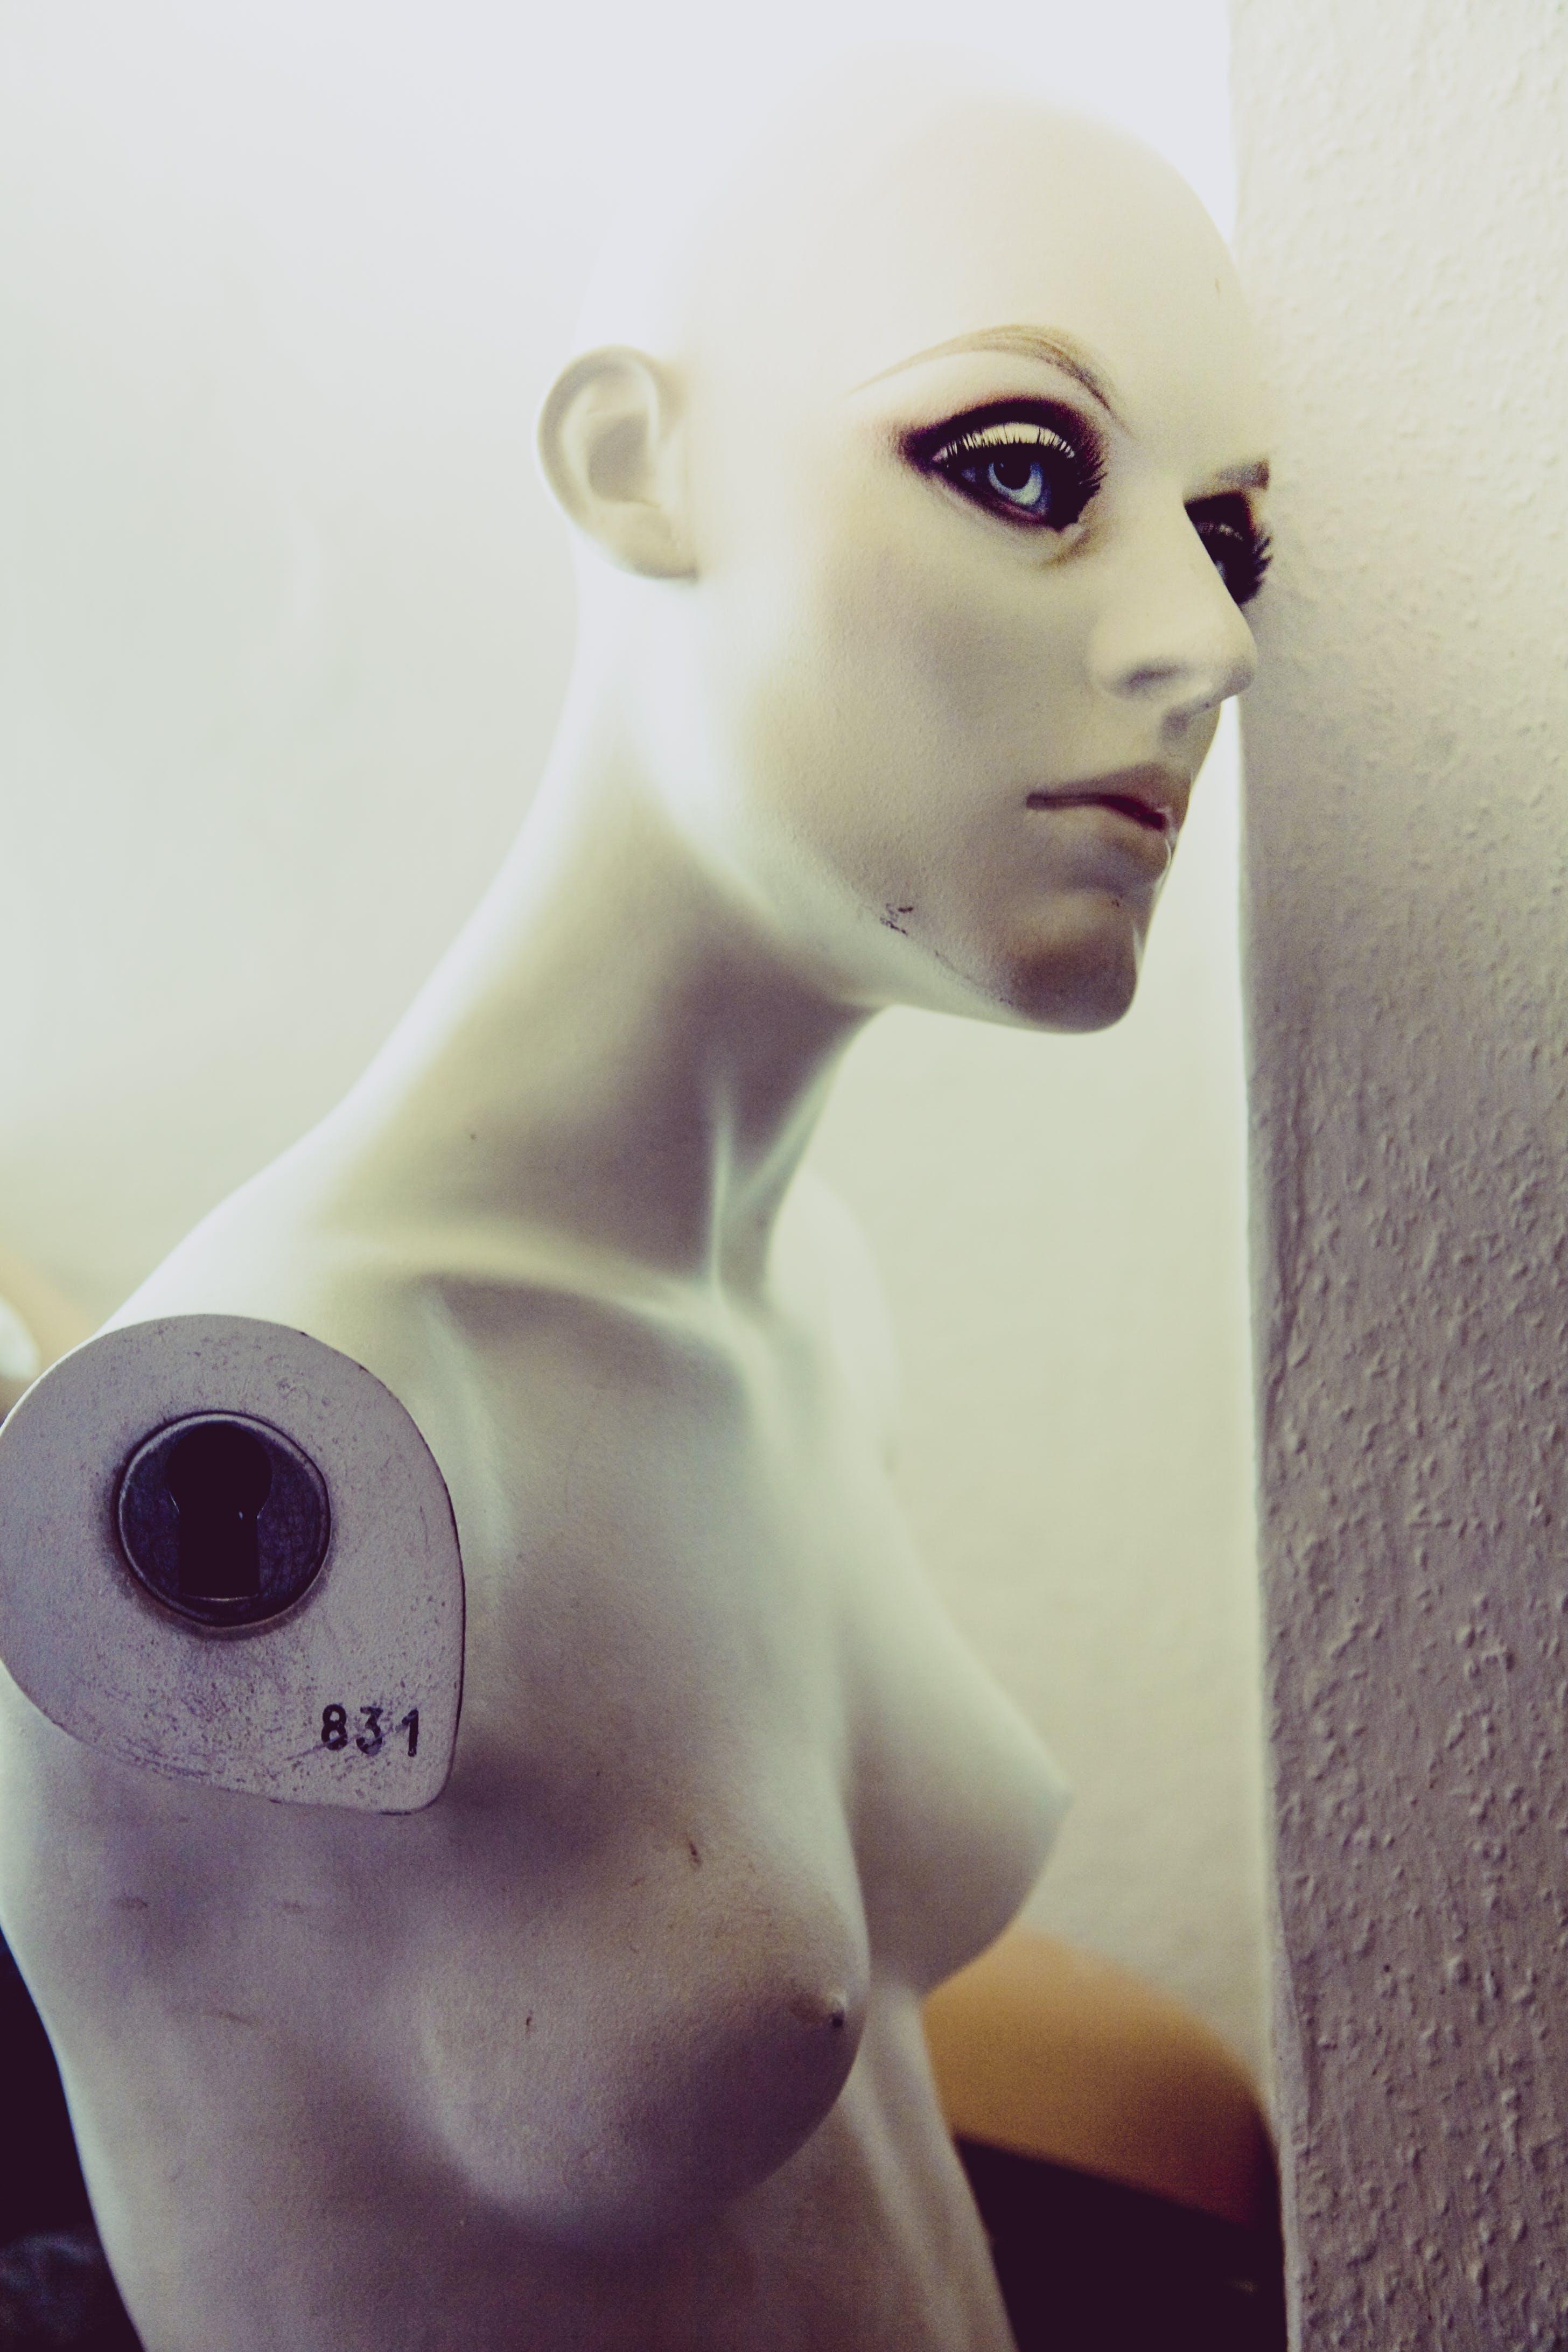 Fotos de stock gratuitas de blanco, hembra, maniquí, sin brazo